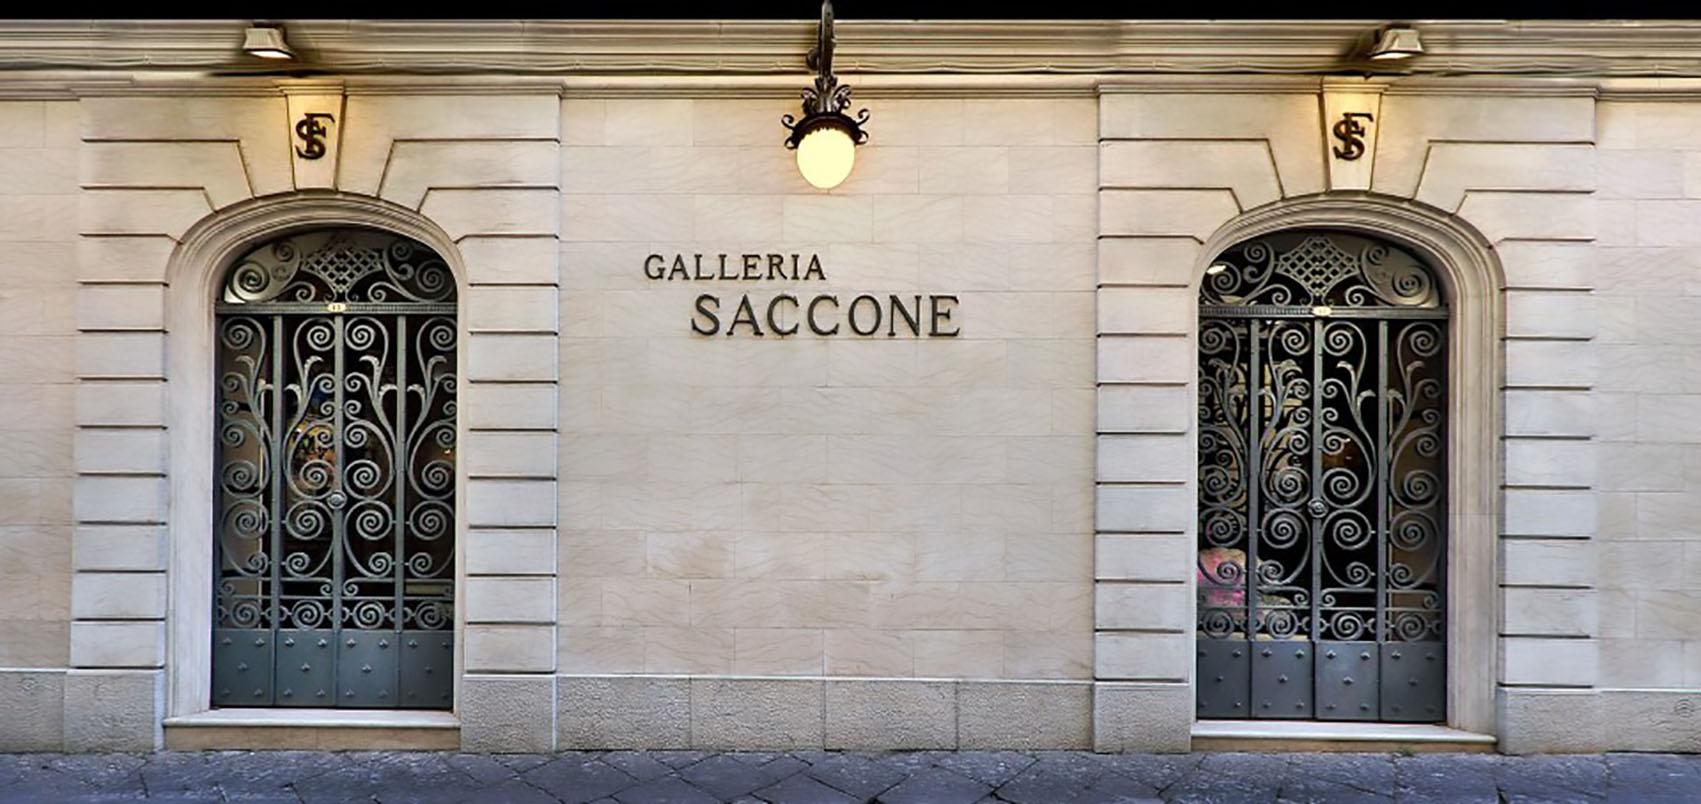 Galleria Saccone